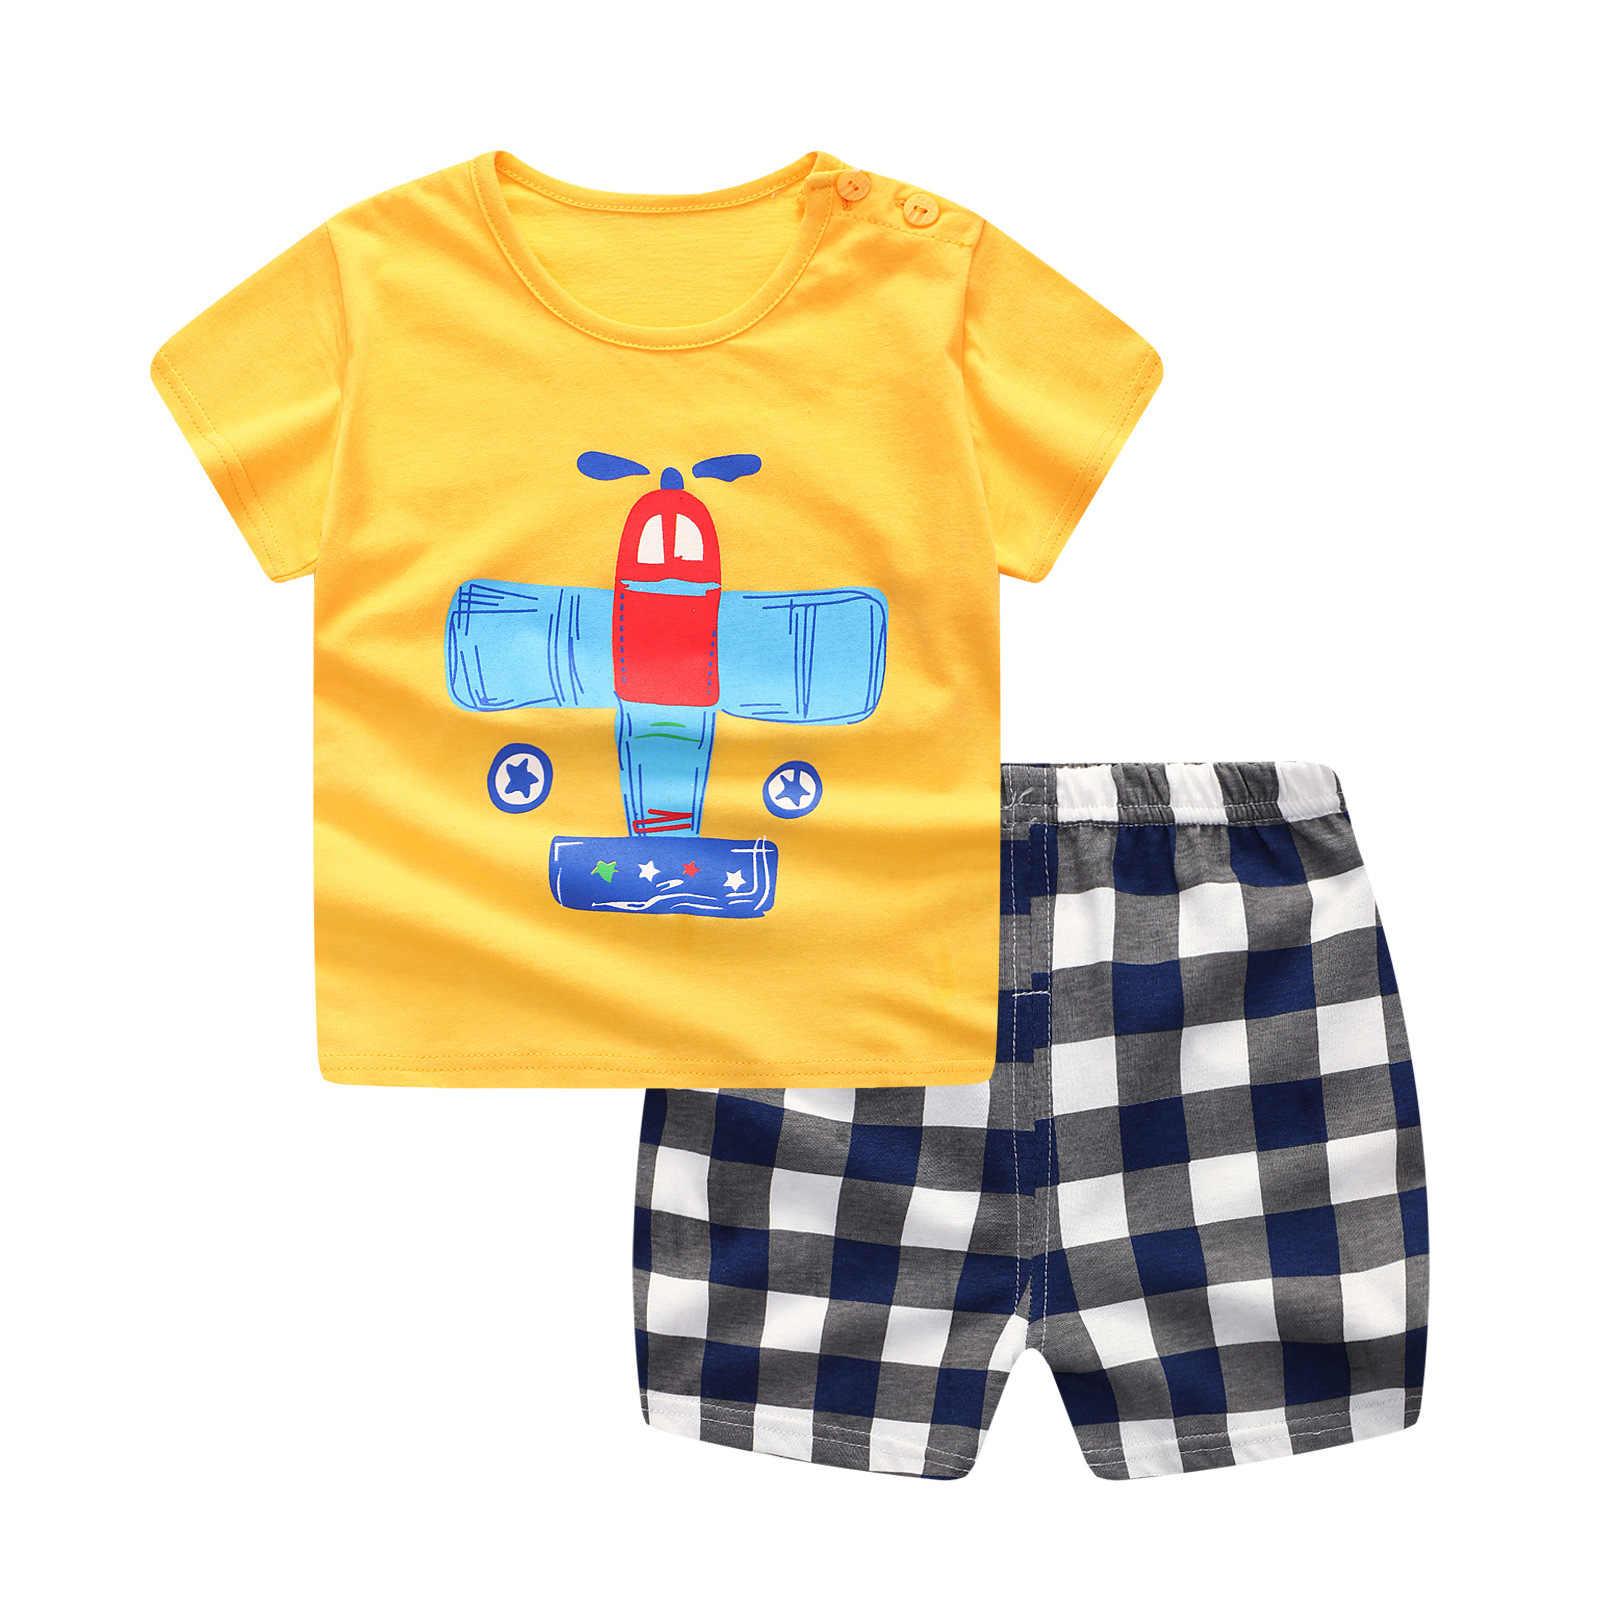 Bebé niño niña ropa de bebé de verano ropa pantalones cortos de rayas + Top AMARILLO camisetas ropa de bebé recién nacido